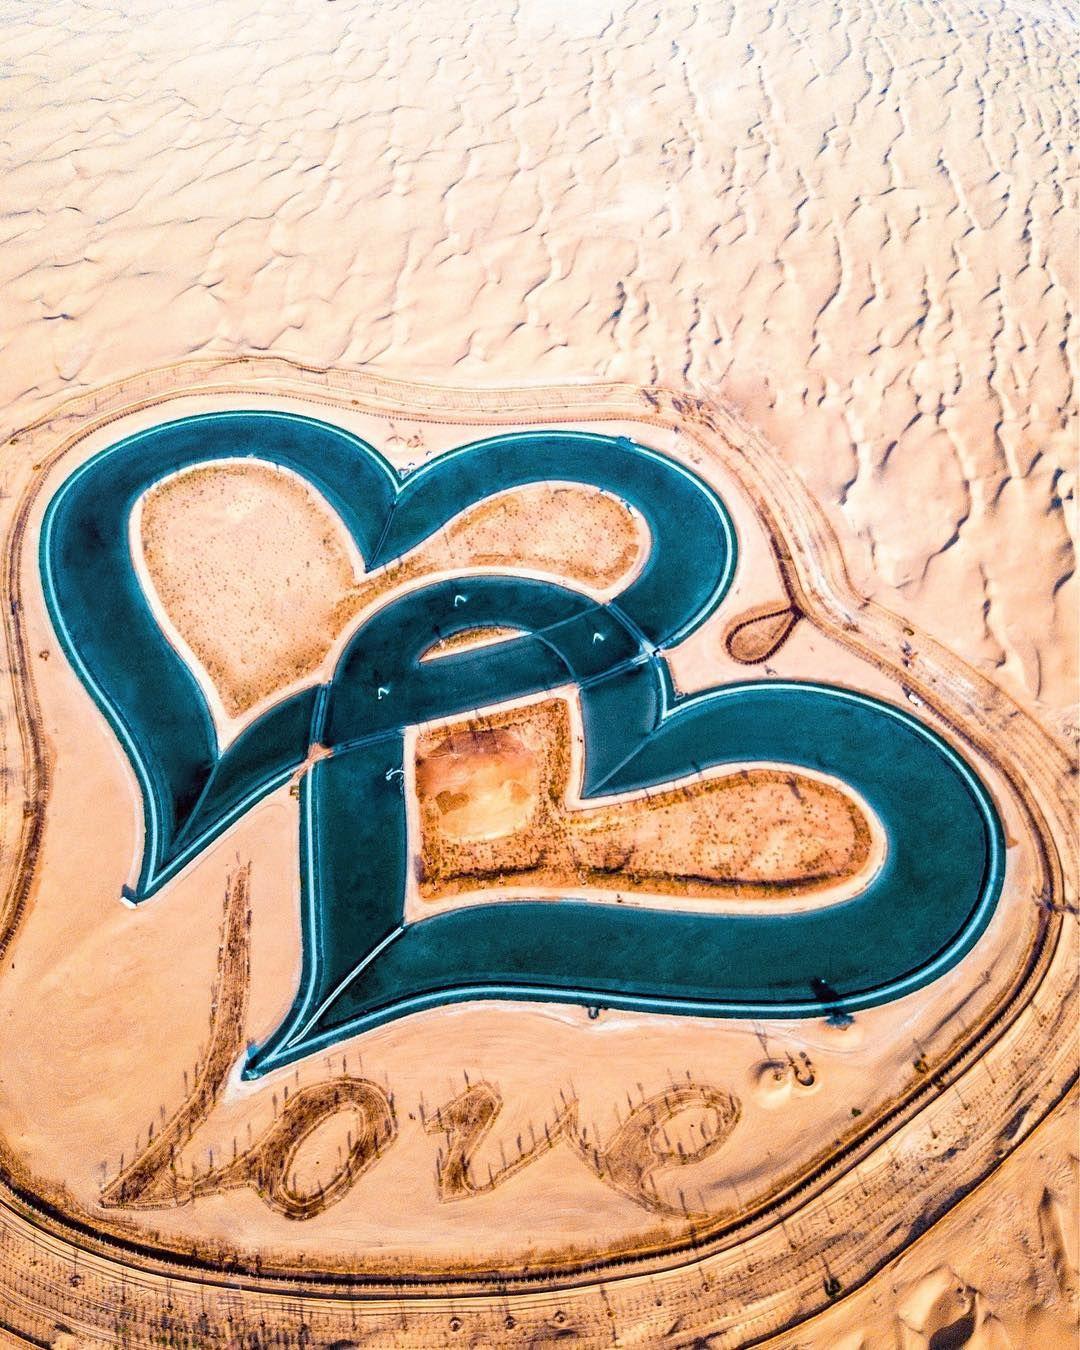 В Дубае появилось озеро в форме переплетенных сердец, которое поражает своей красотой - фото 413185